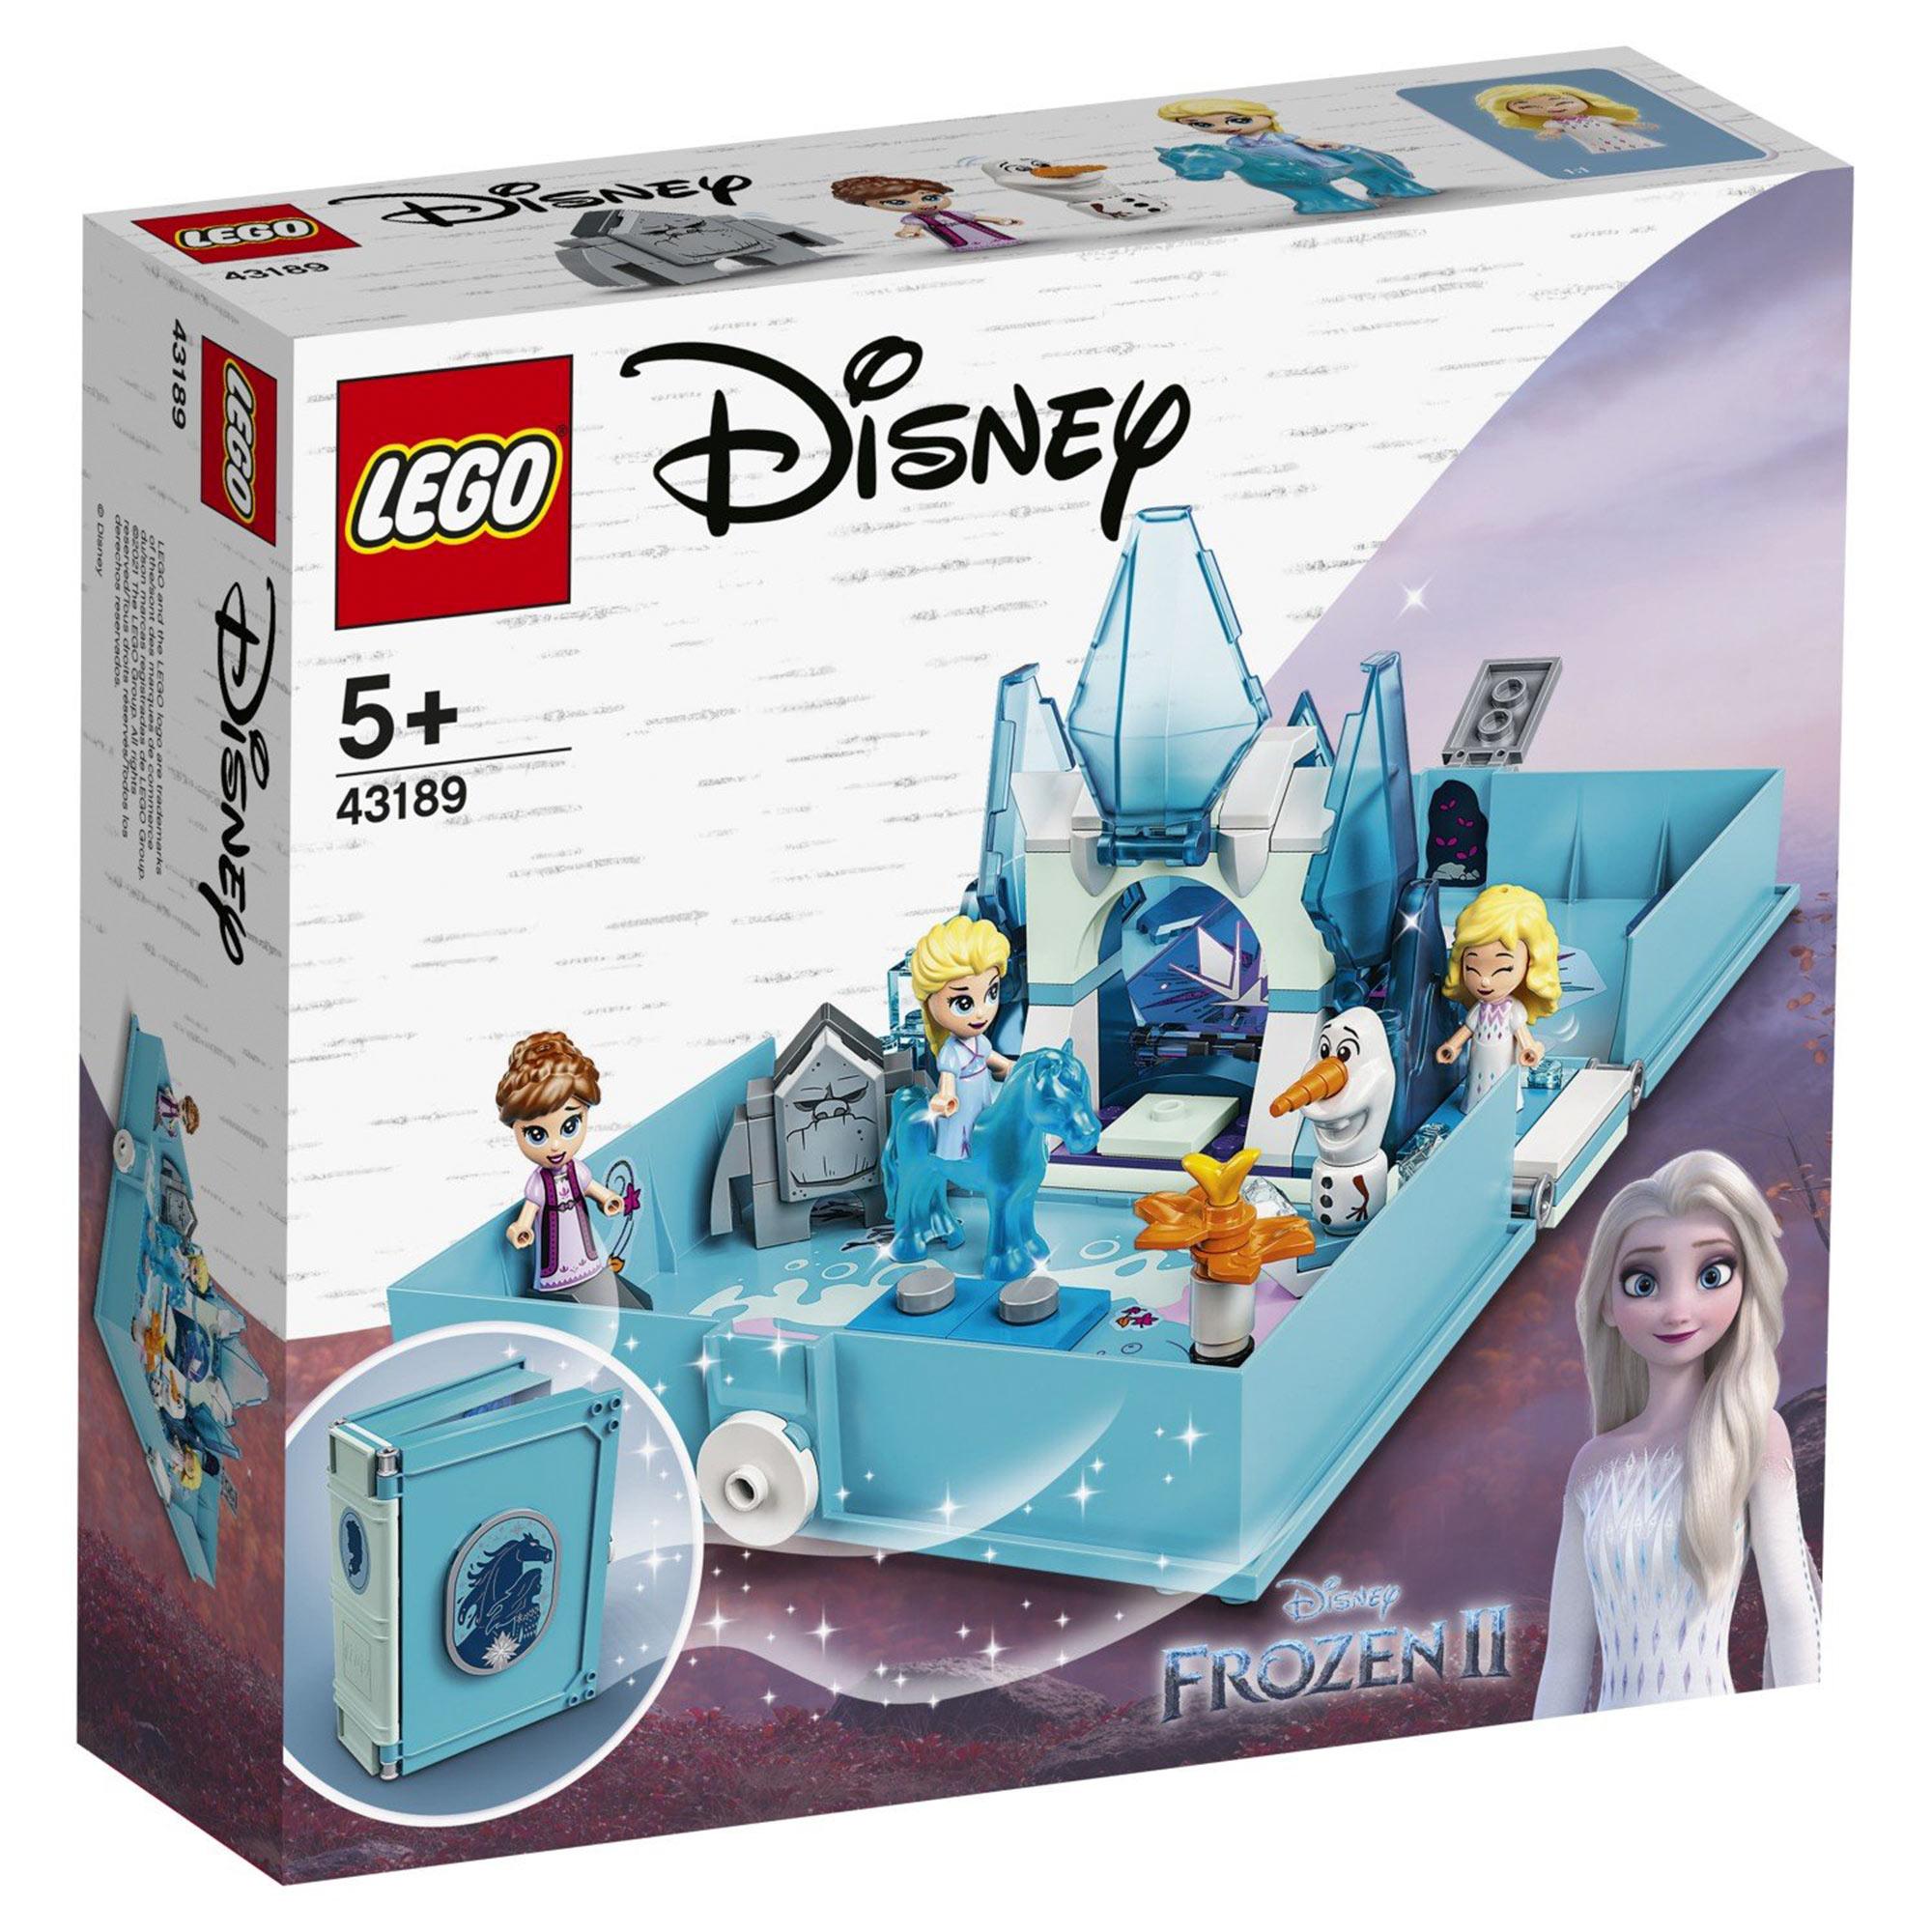 Конструктор Lego Disney Princess Книга сказочных приключений Эльзы и Нока 43189 конструктор lego disney princess 43176 книга сказочных приключений ариэль